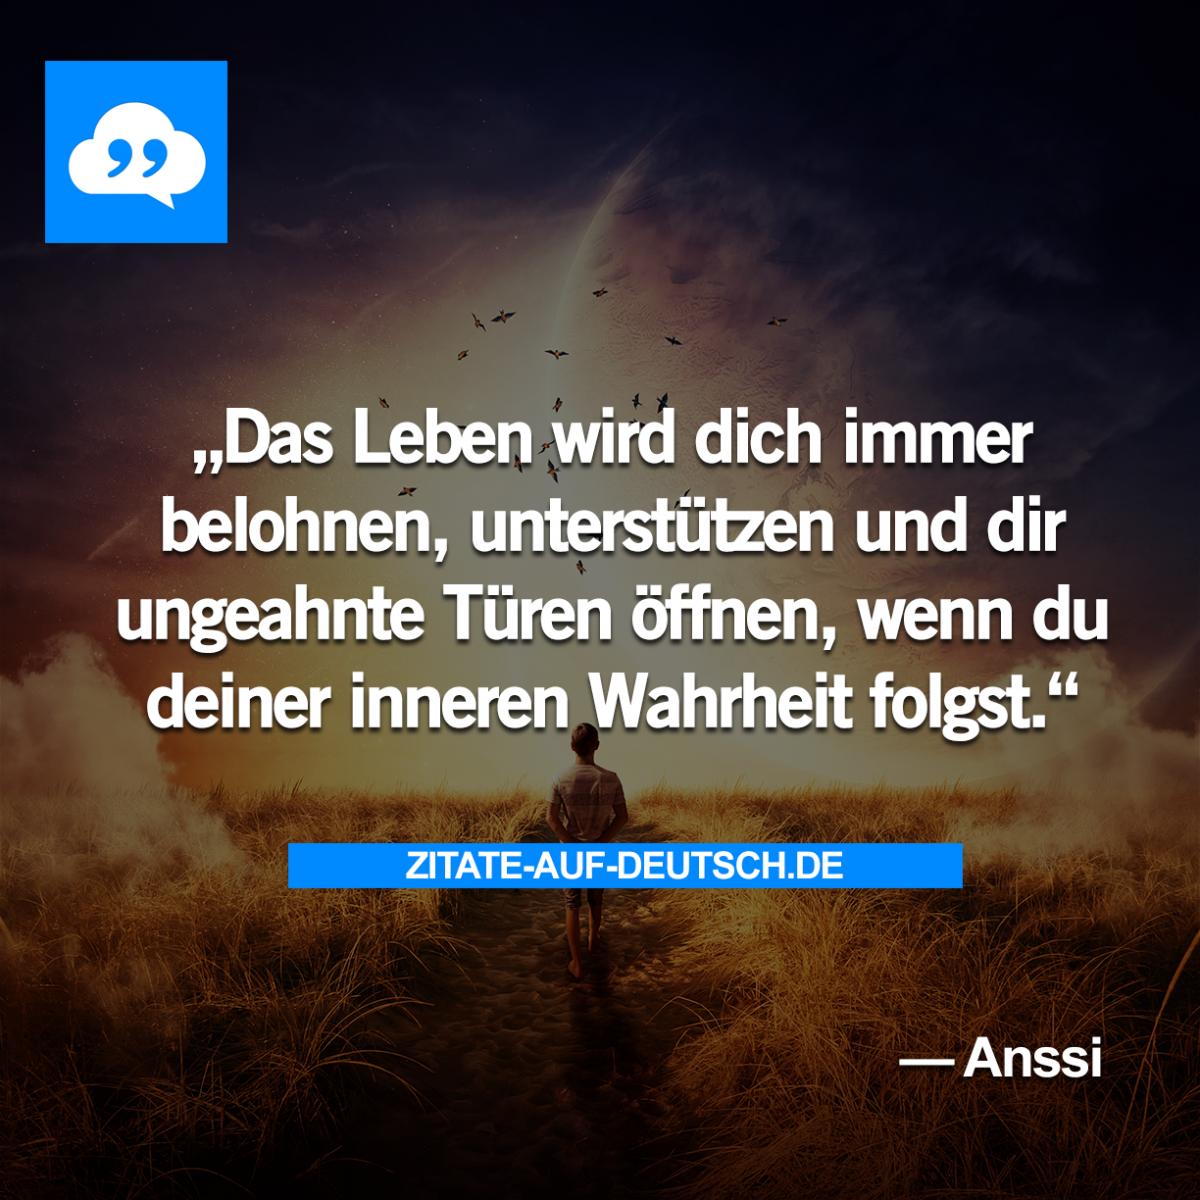 #Leben, #Spruch, #Sprüche, #Türen, #Wahrheit, #Zitat, # ...